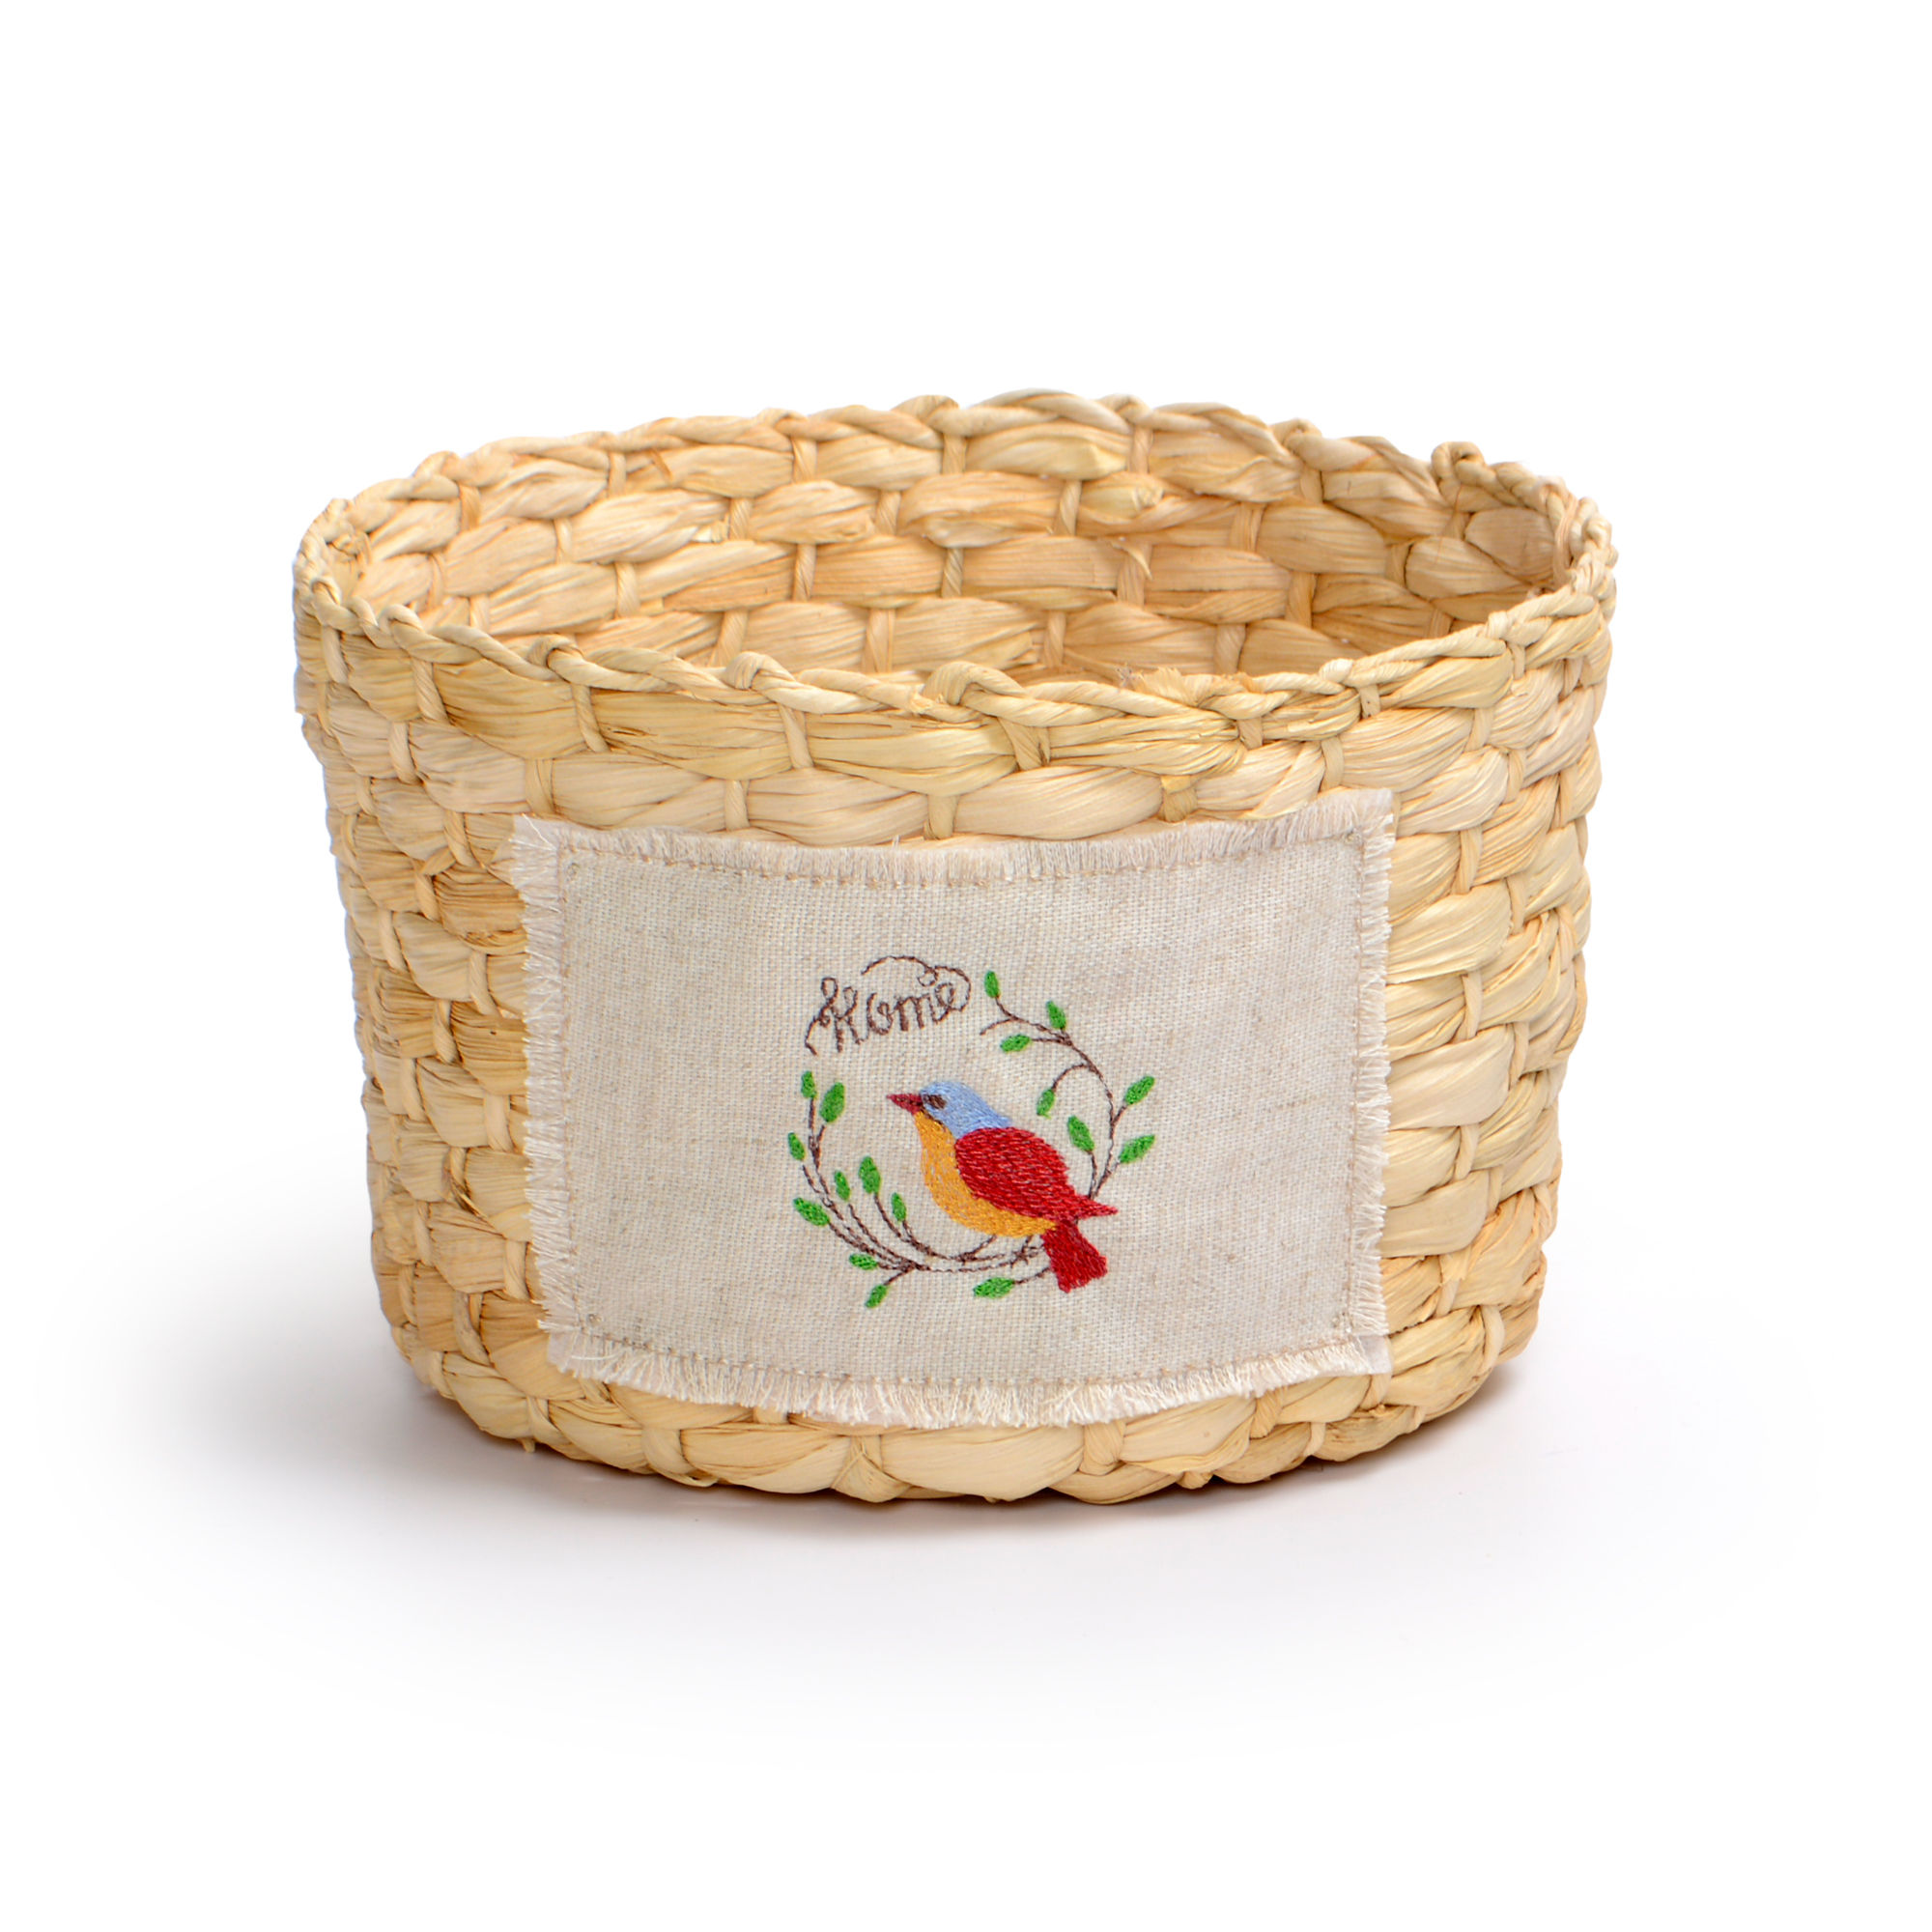 Cachepot Médio de palha natural e aplique com Bordado